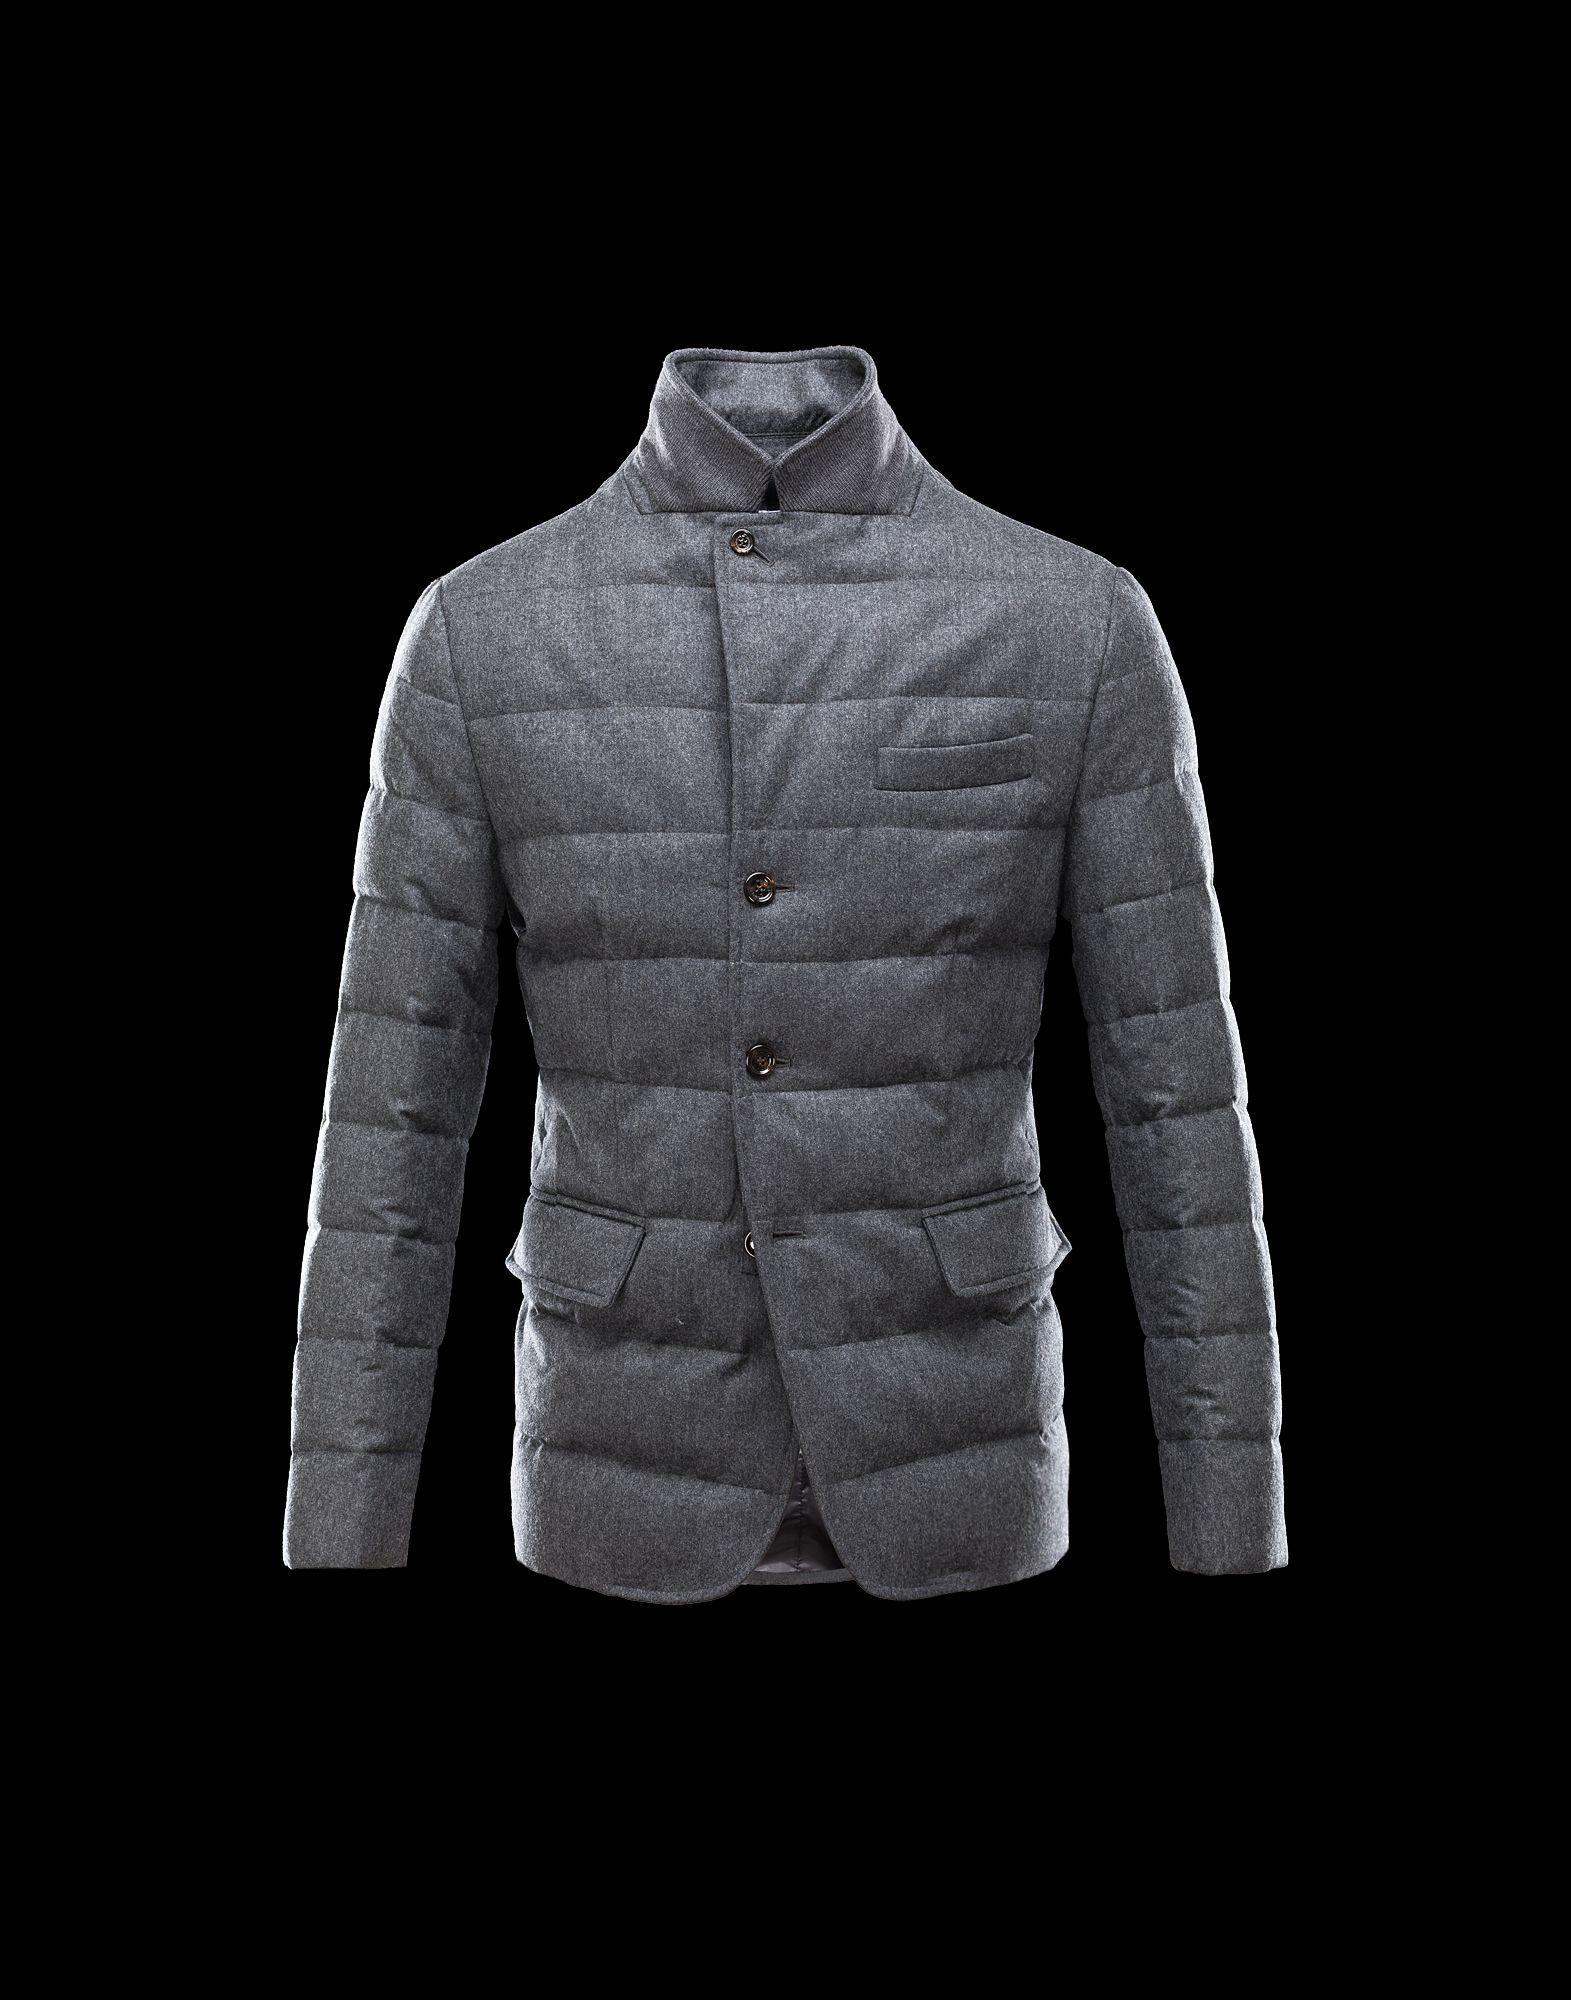 Clothing And Down Jackets For Men Women And Kids Muzhskoj Pidzhak Muzhskoj Stil Stili Muzhskoj Mody